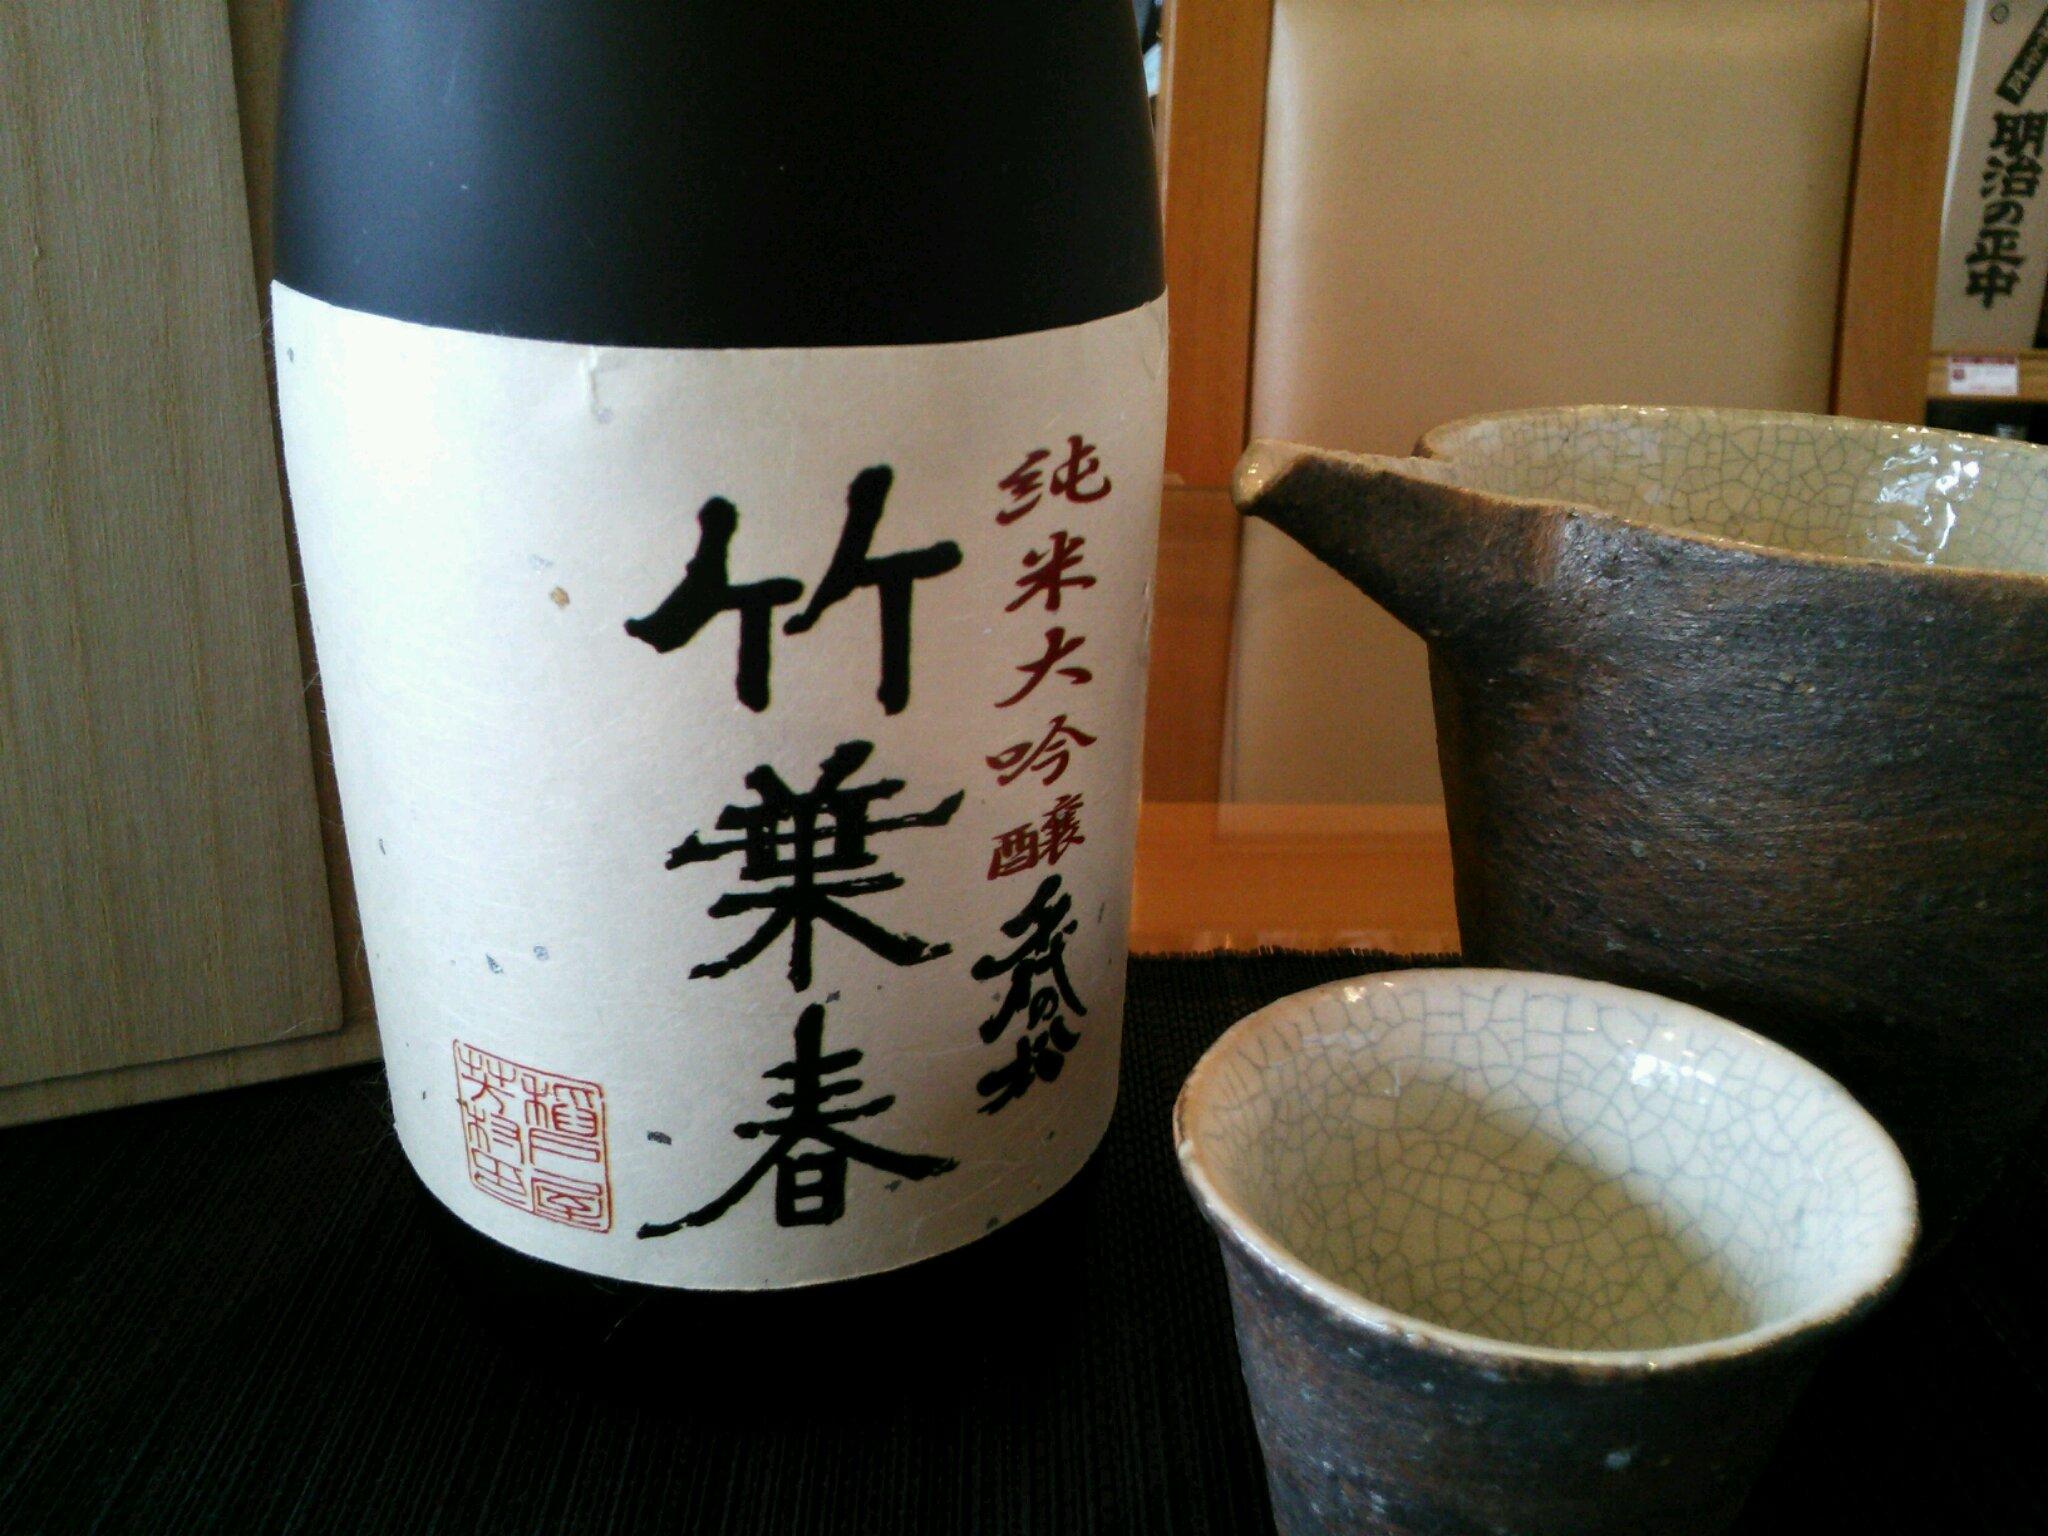 千代の松 純米大吟醸 竹葉春